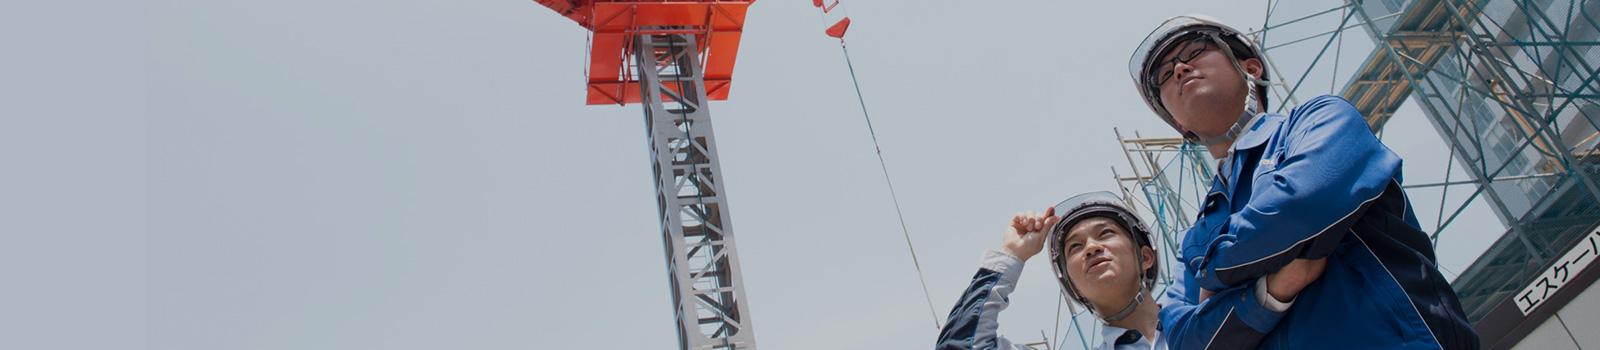 多田建設の技術 イメージ